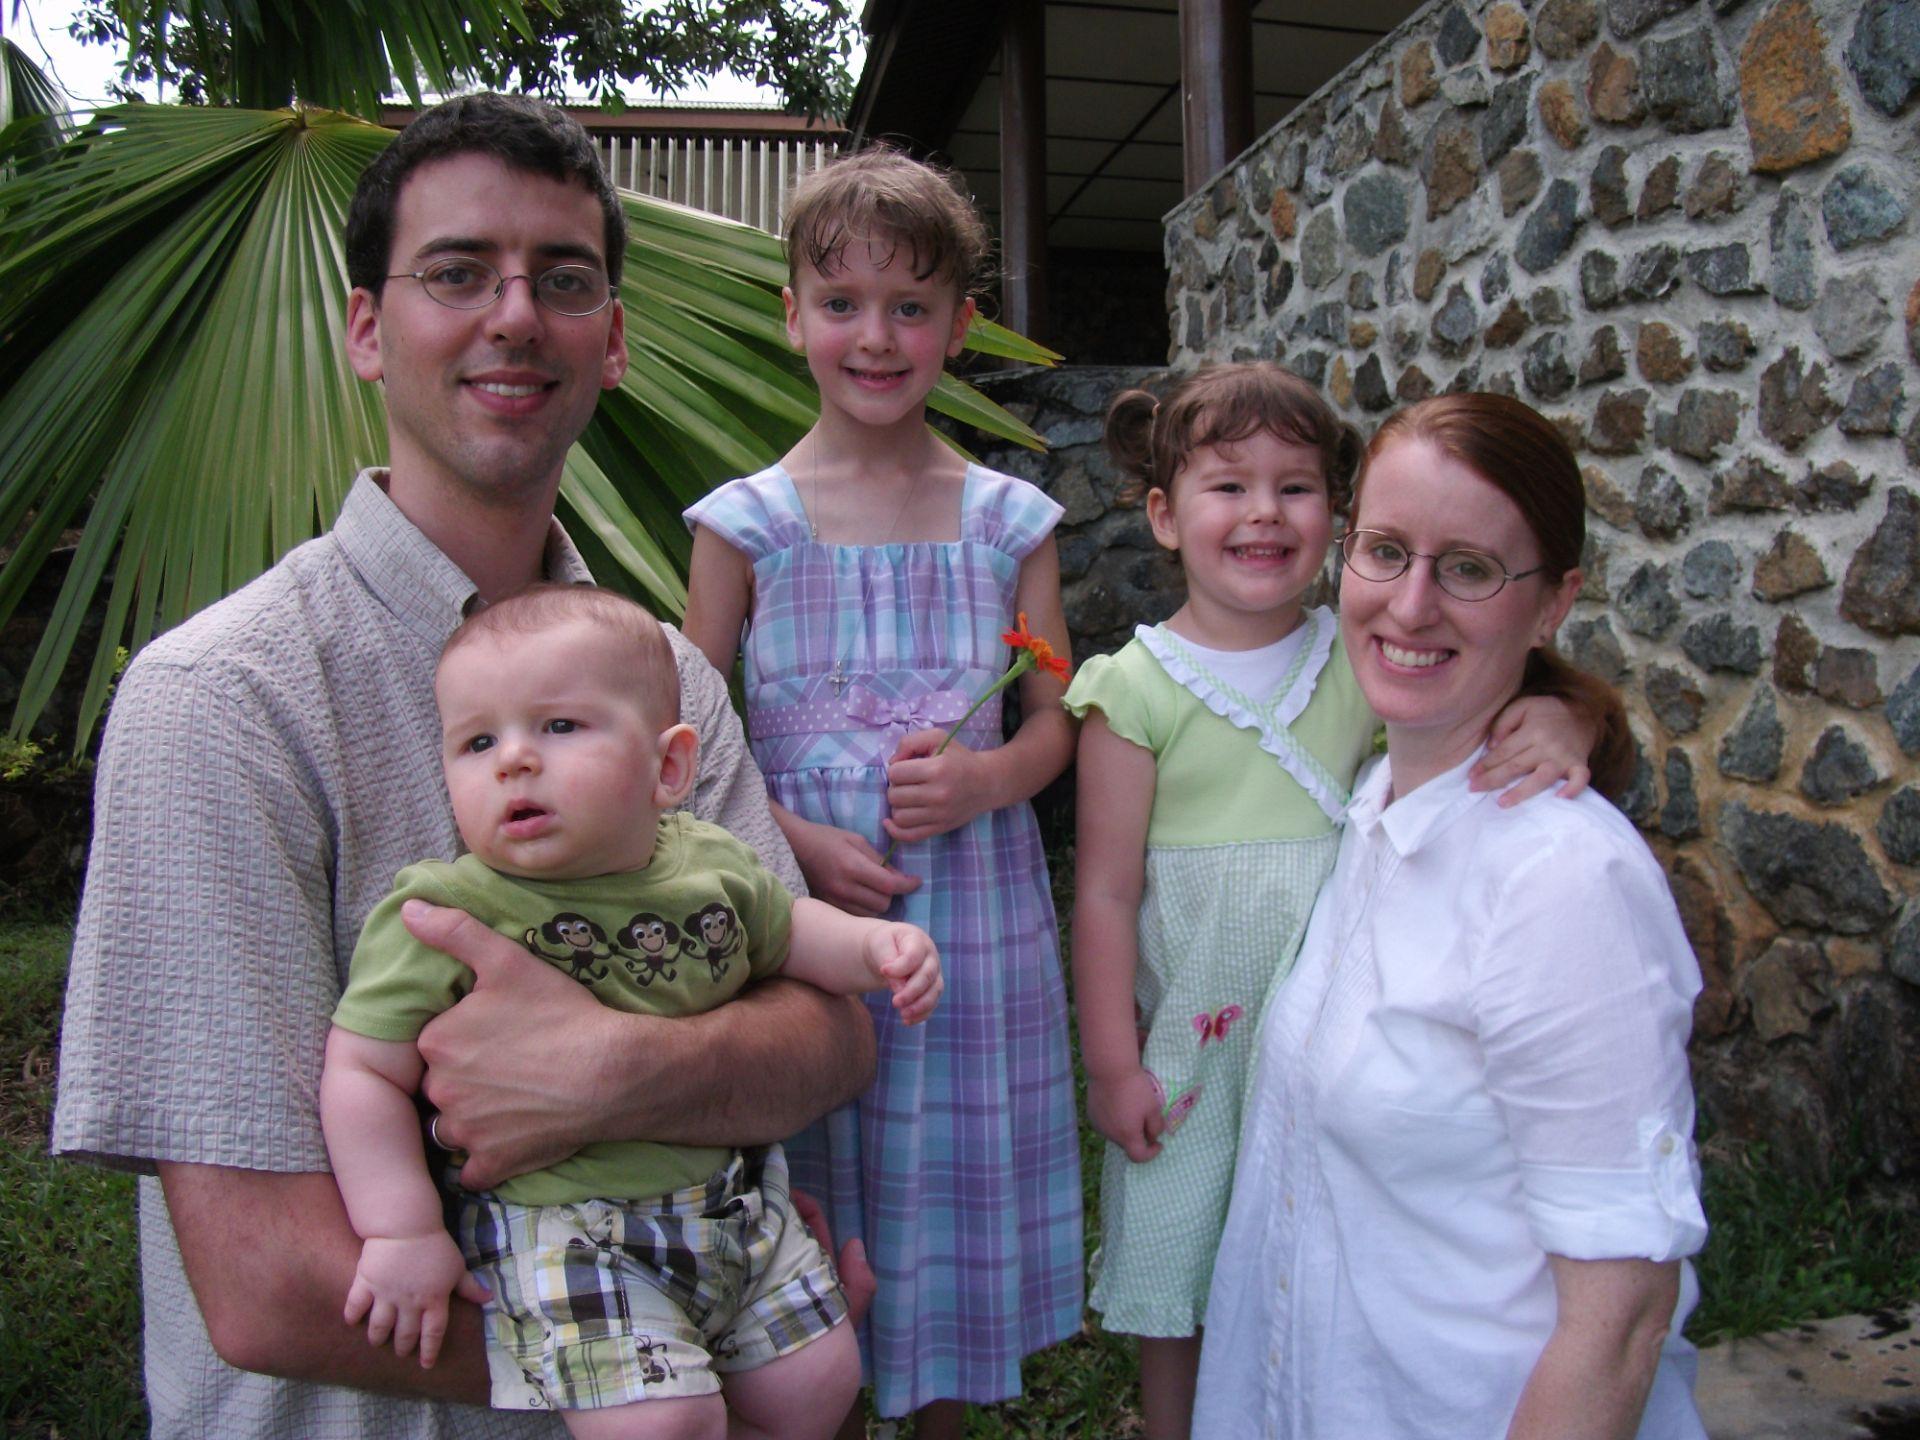 Sam, Linda and children - April 2011